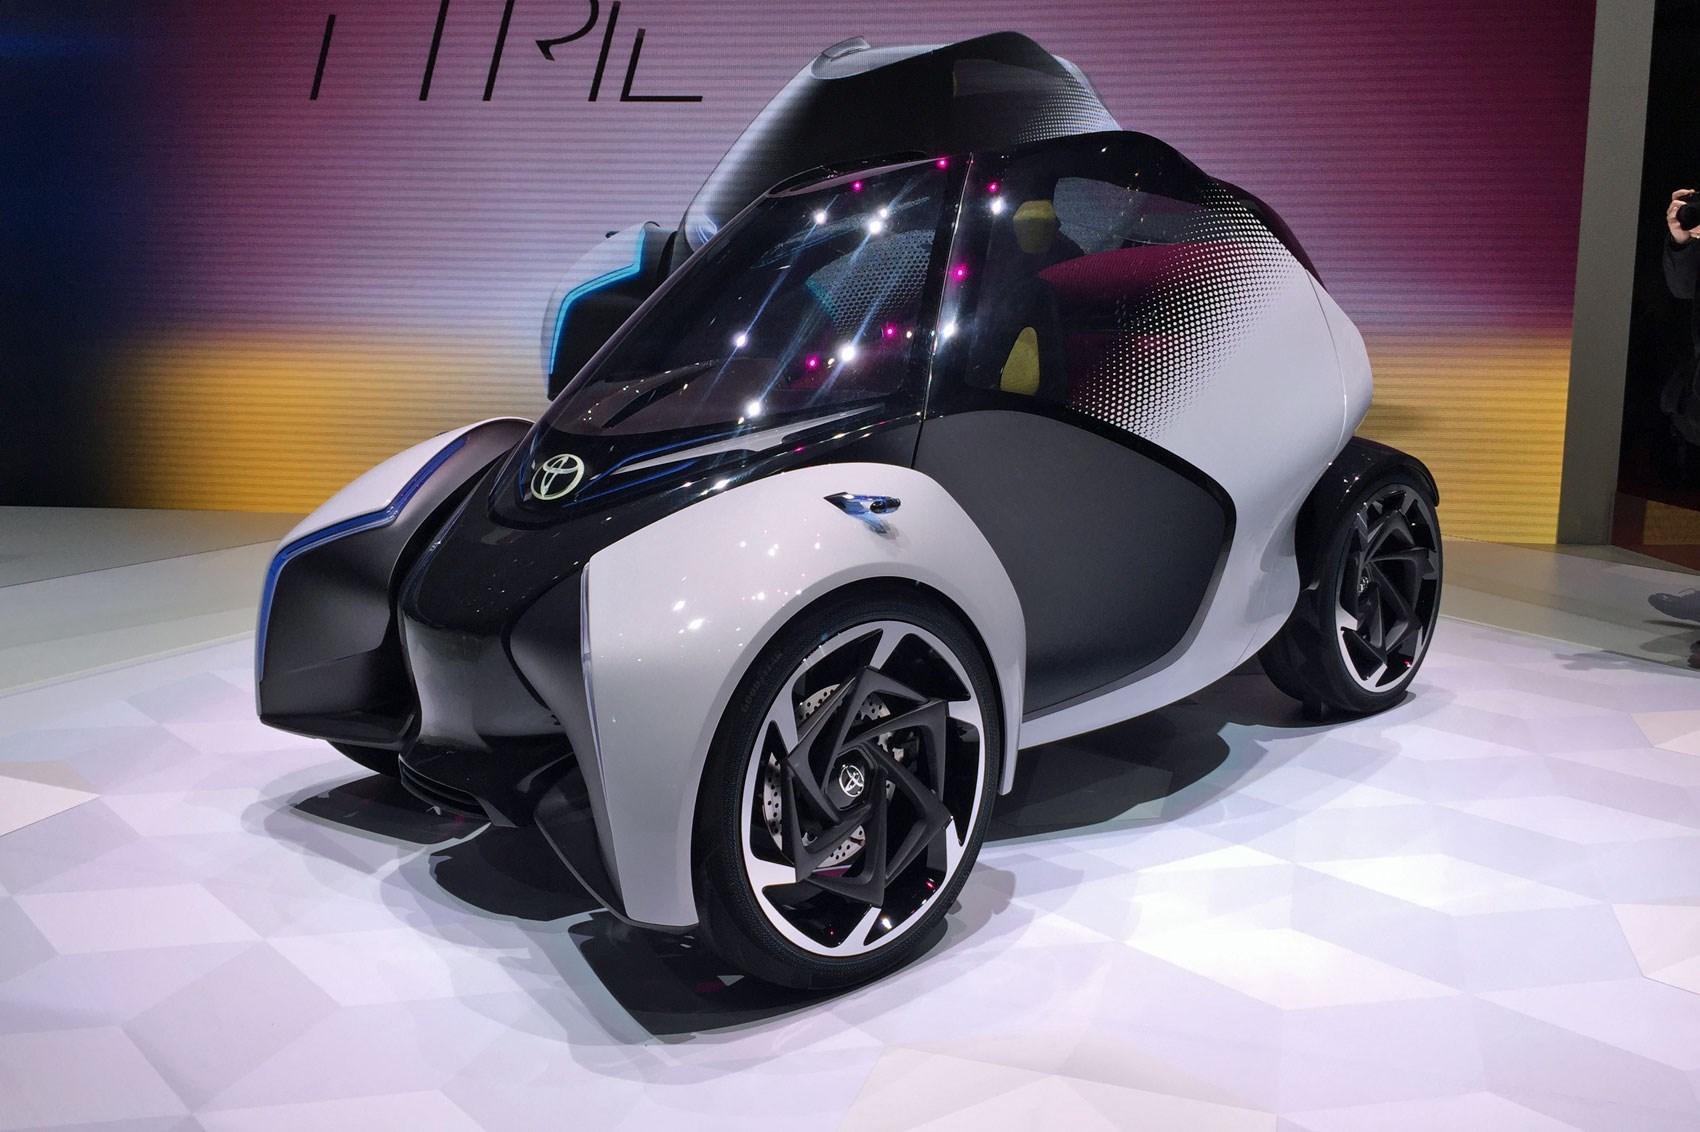 Lean On Me Toyotas Trick ITRIL Concept Car CAR Magazine - Auto show near me